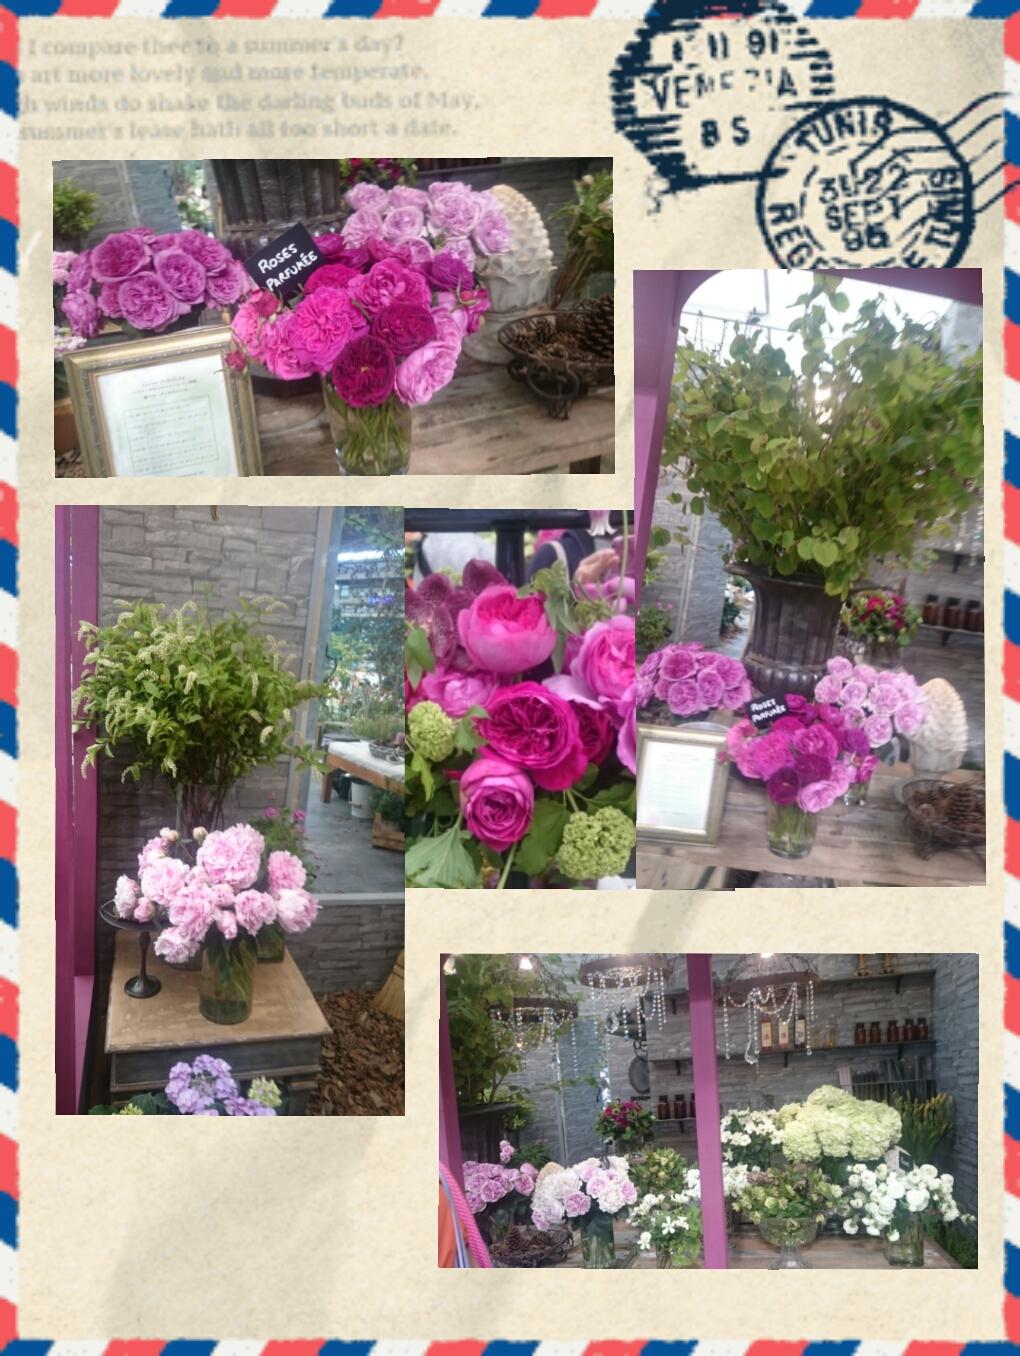 160610_roses_08.jpg